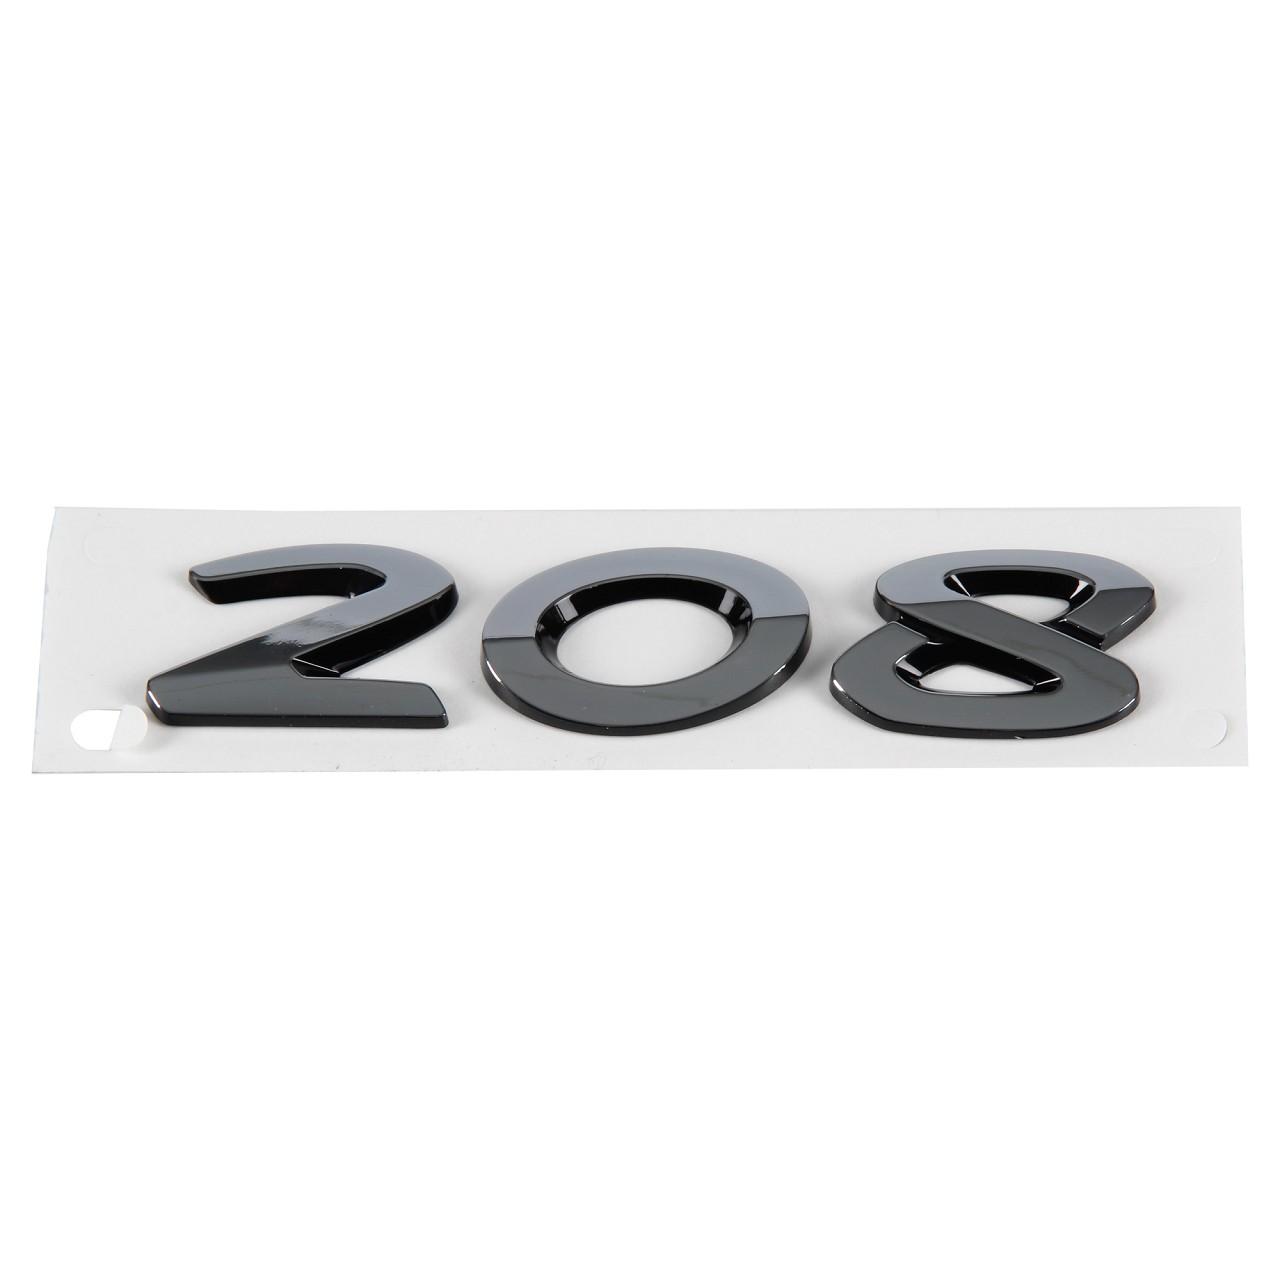 ORIGINAL Peugeot Emblem Plakette Schriftzug hinten Heckklappe 9806133980 für 208